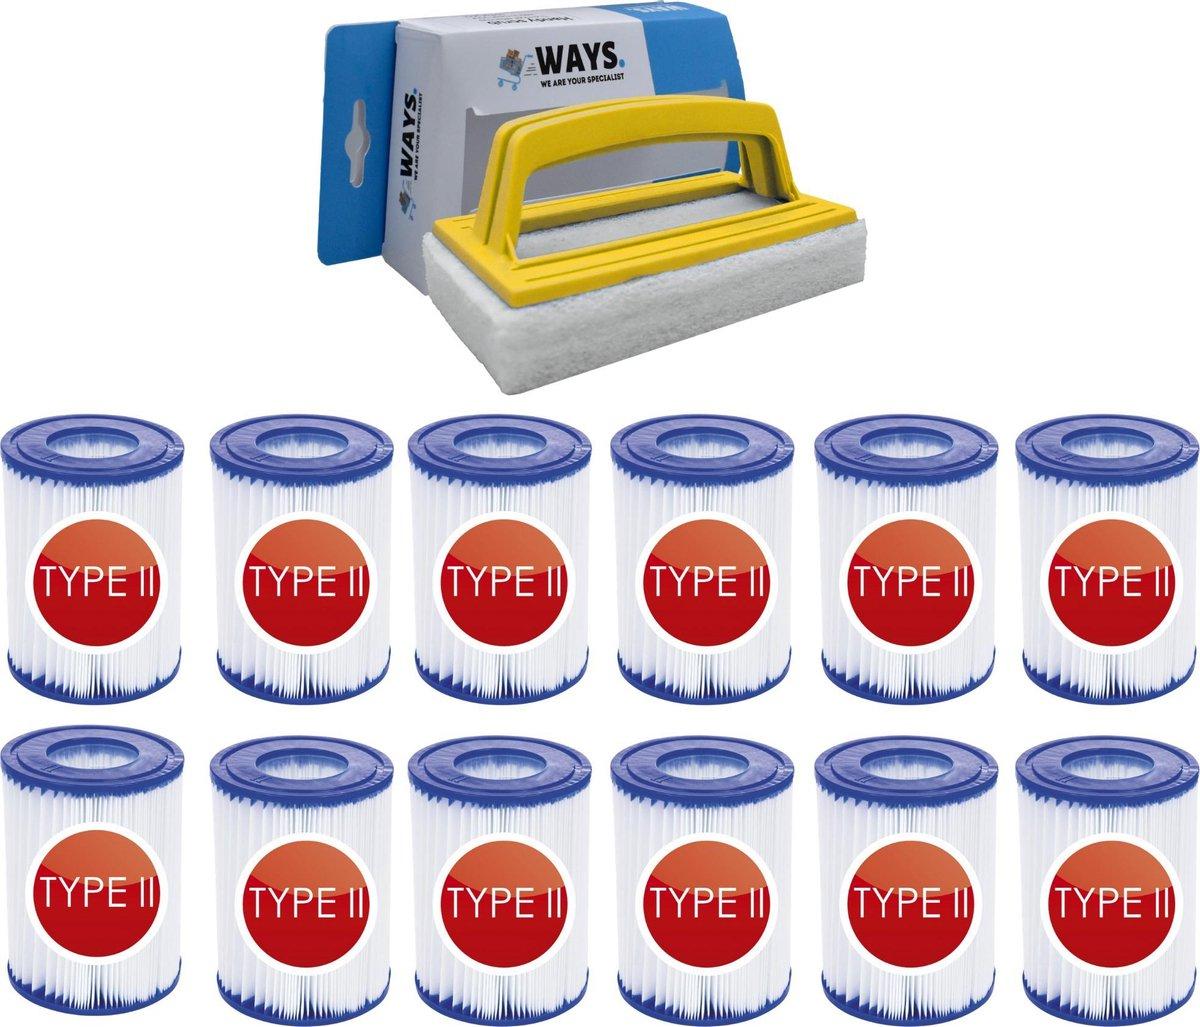 Bestway - Type II filters geschikt voor filterpomp 58383 - 12 stuks & WAYS scrubborstel